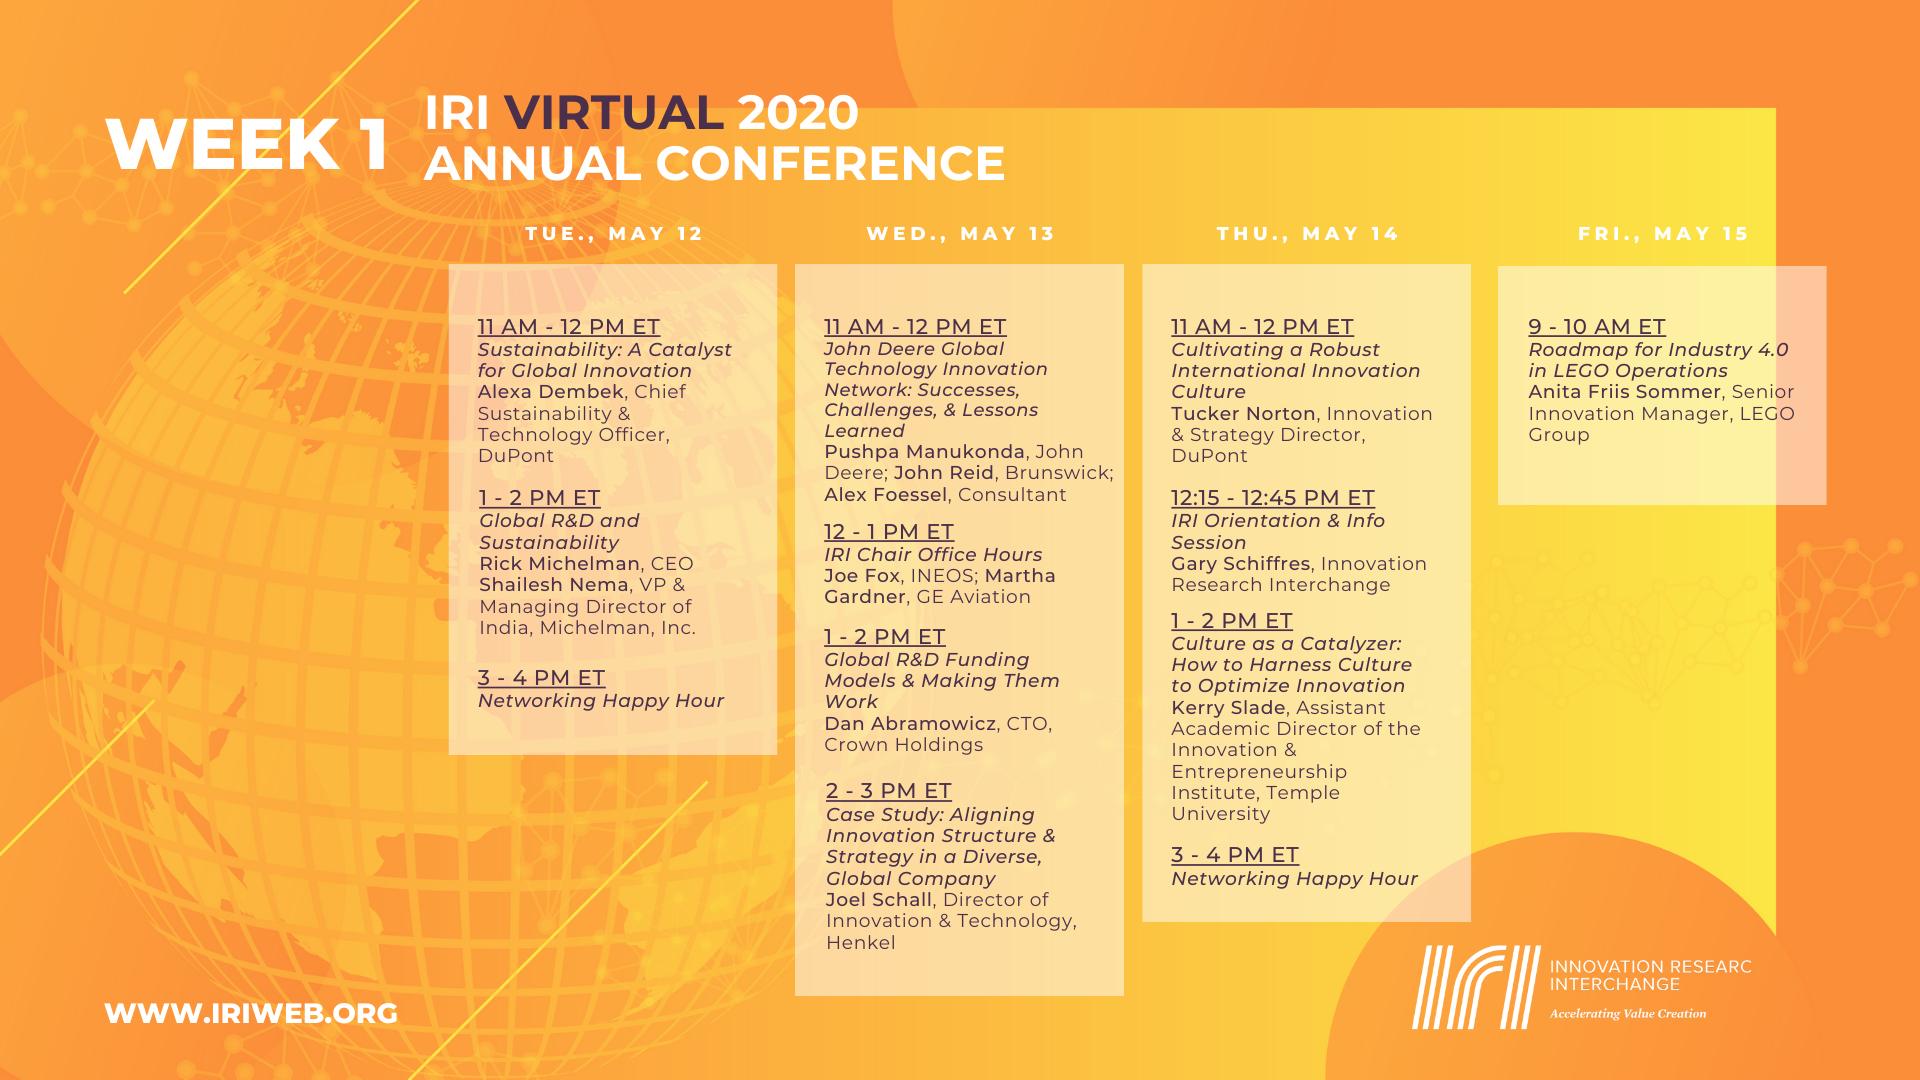 Vac20 Agenda Wk 1 2020.05.11 2 | Iri